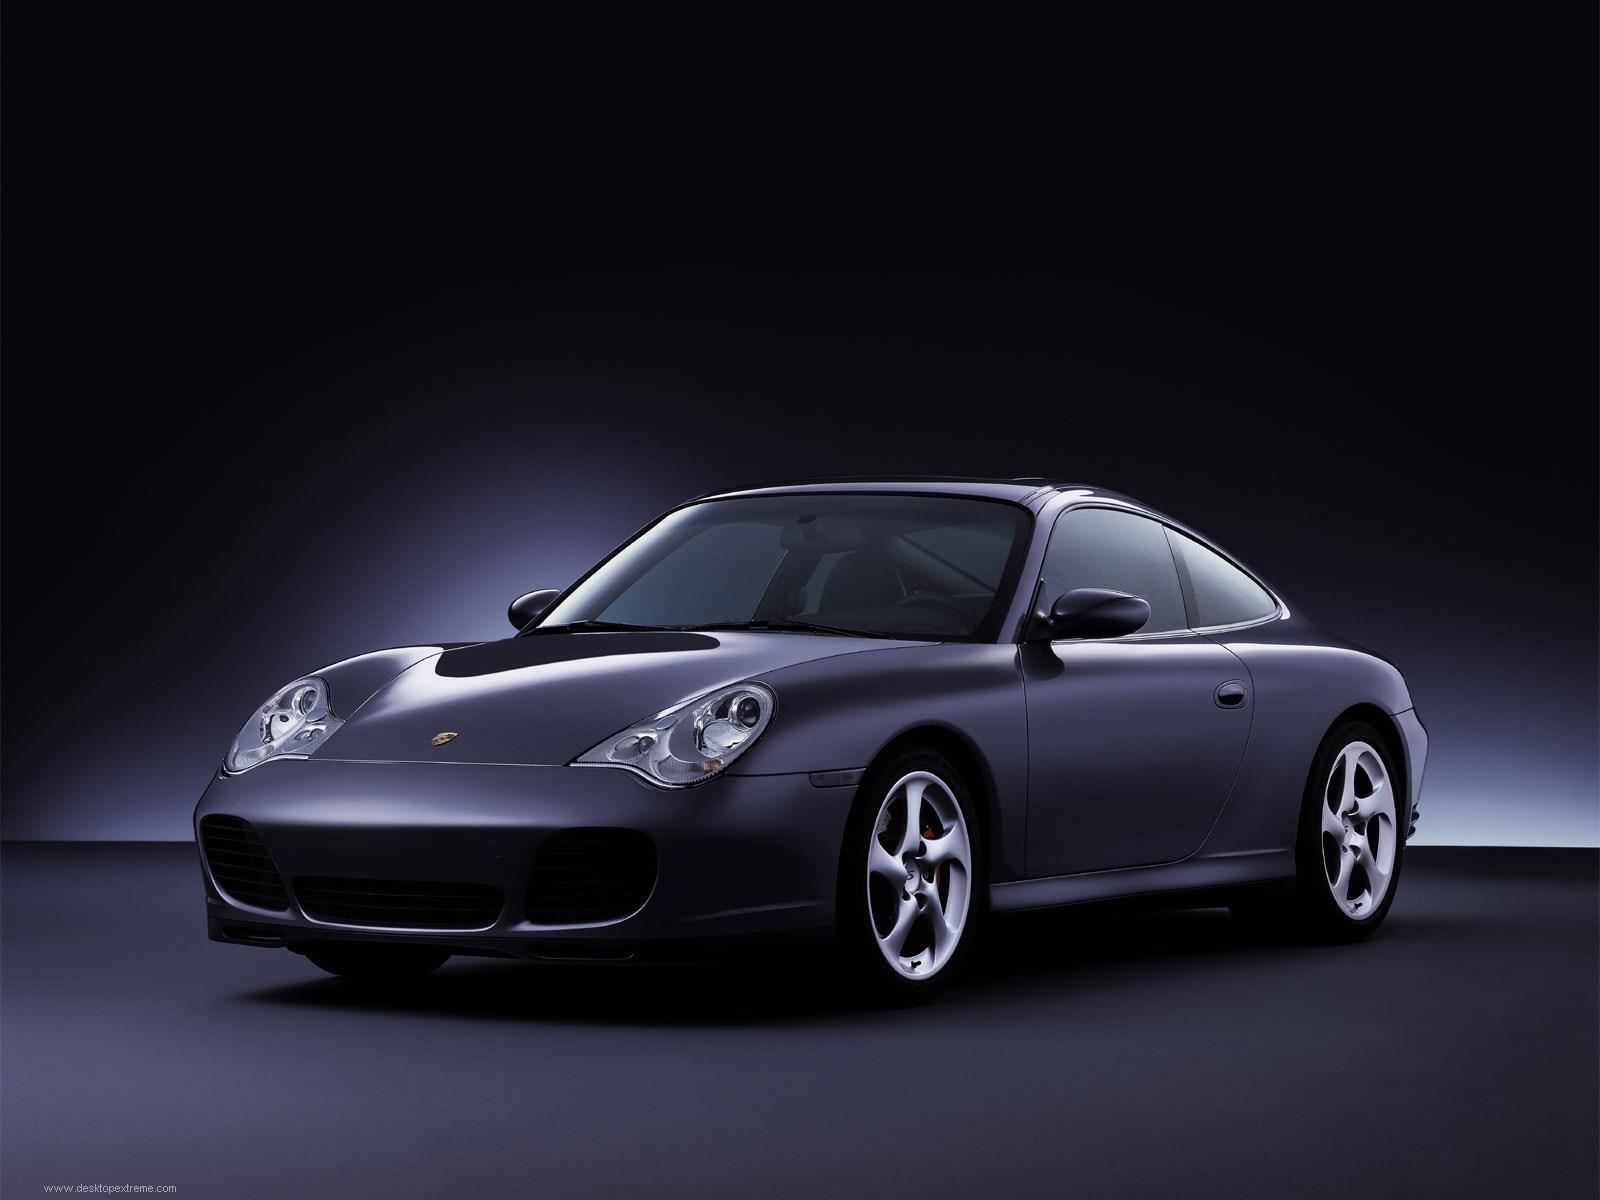 Porsche 911 Wallpaper 1600x1200